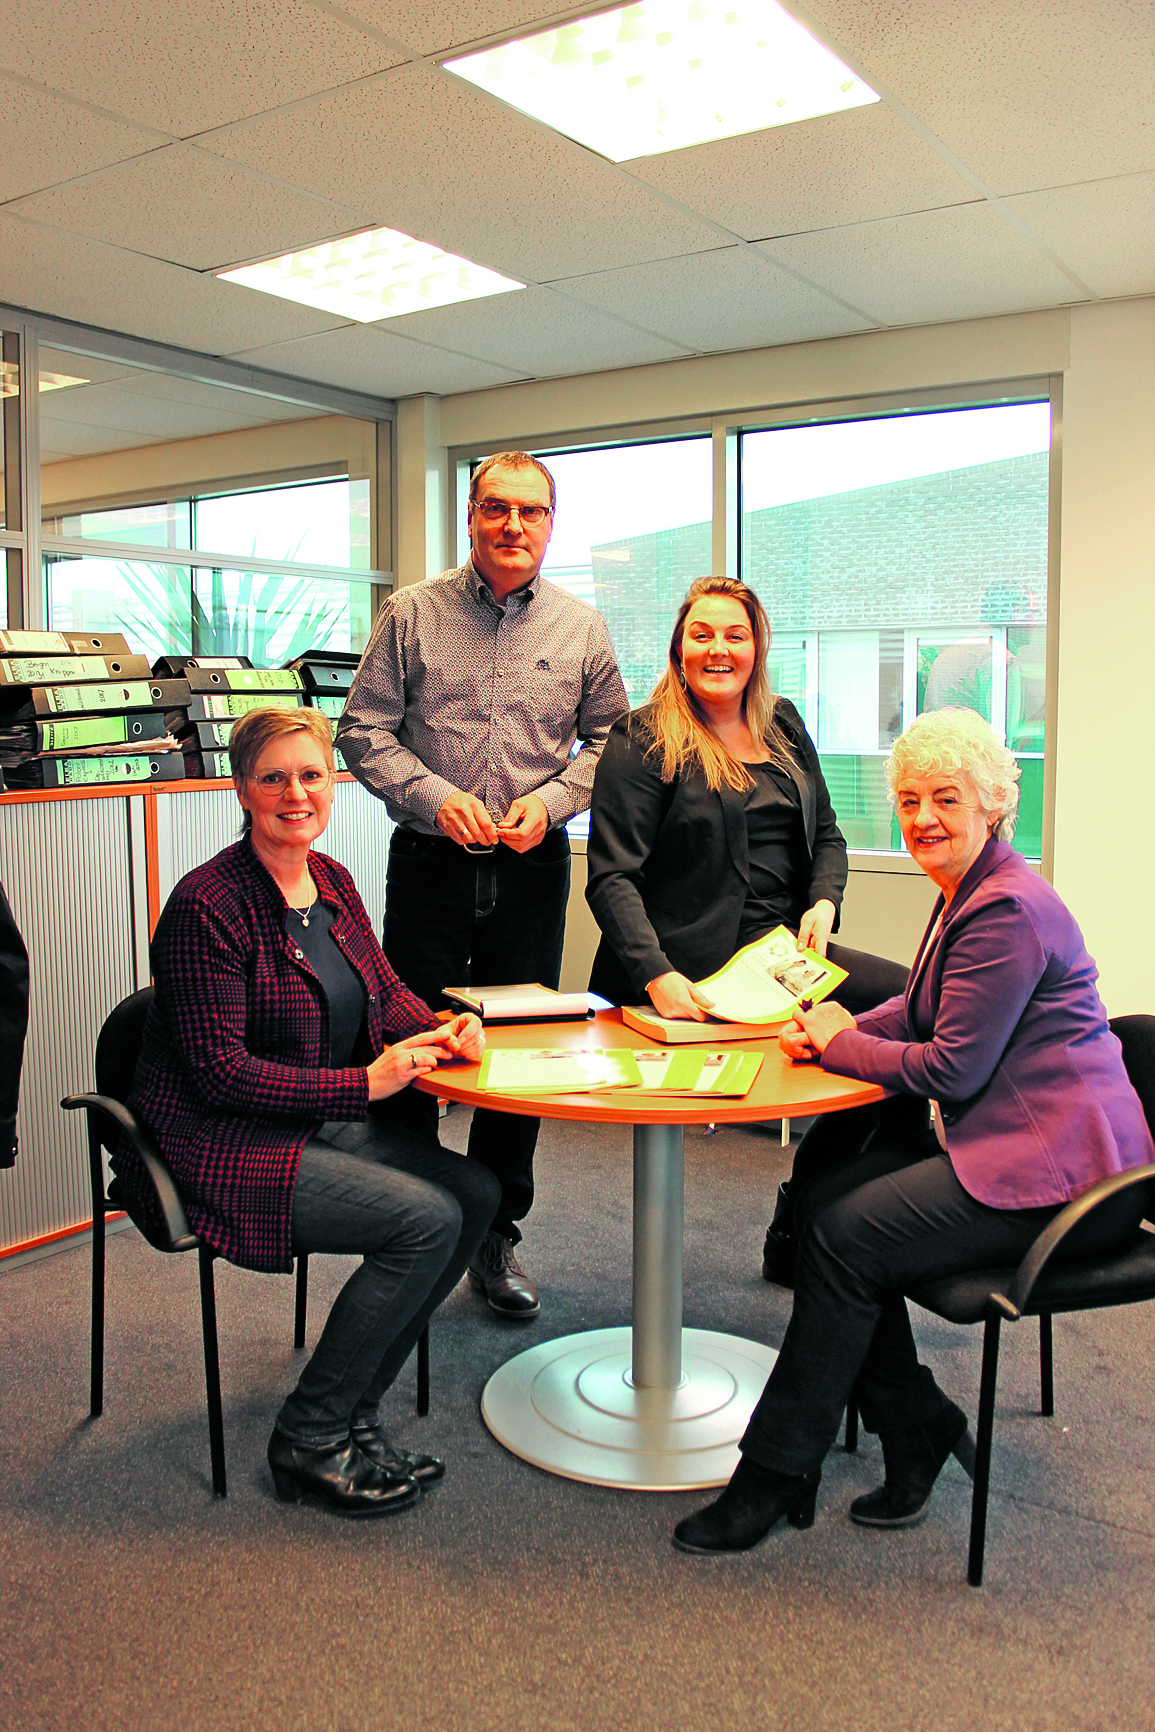 Het resultaat mag er zijn. Van links naar rechts Agnes Bak (Waterlandse Uitdaging), John Bontje (redacteur), Nicole Klaver (media-adviseur) en Rita van der Wallen (De Zonnebloem Purmerend) met de eerste nieuwsbrief. (Foto: Yvette van der Does)